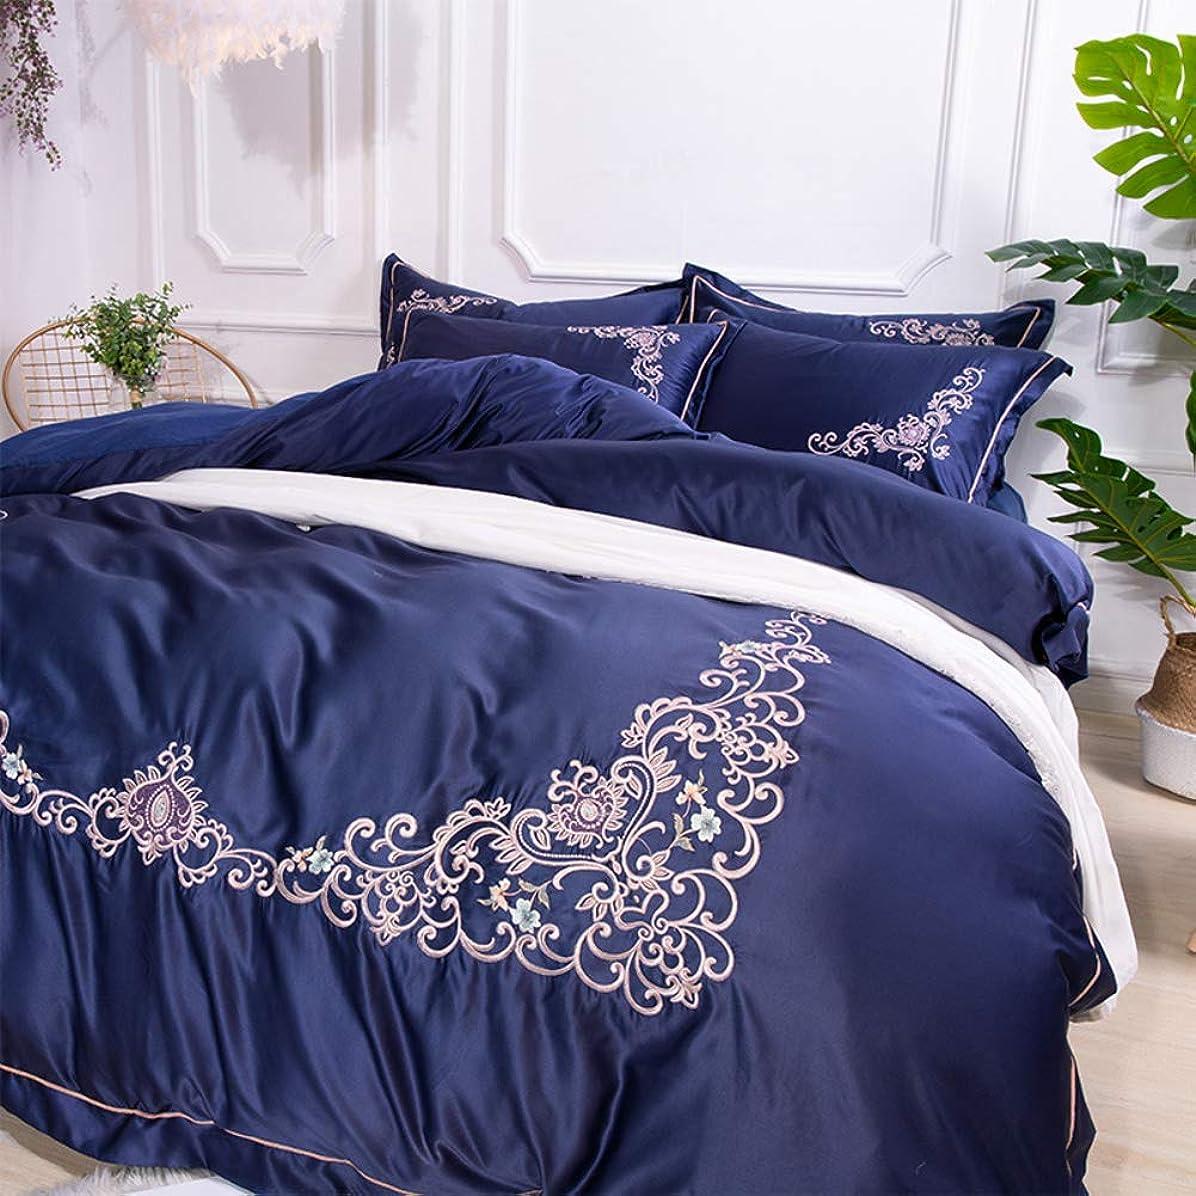 湿原相対的アカウントシルク 刺繍 綿サテン 寝具カバーセット, 4 ピース ジャカード ソフト 快適 綿 夏 クールな 肌-フレンドリー 寝具ベッド ファスナー付け-t